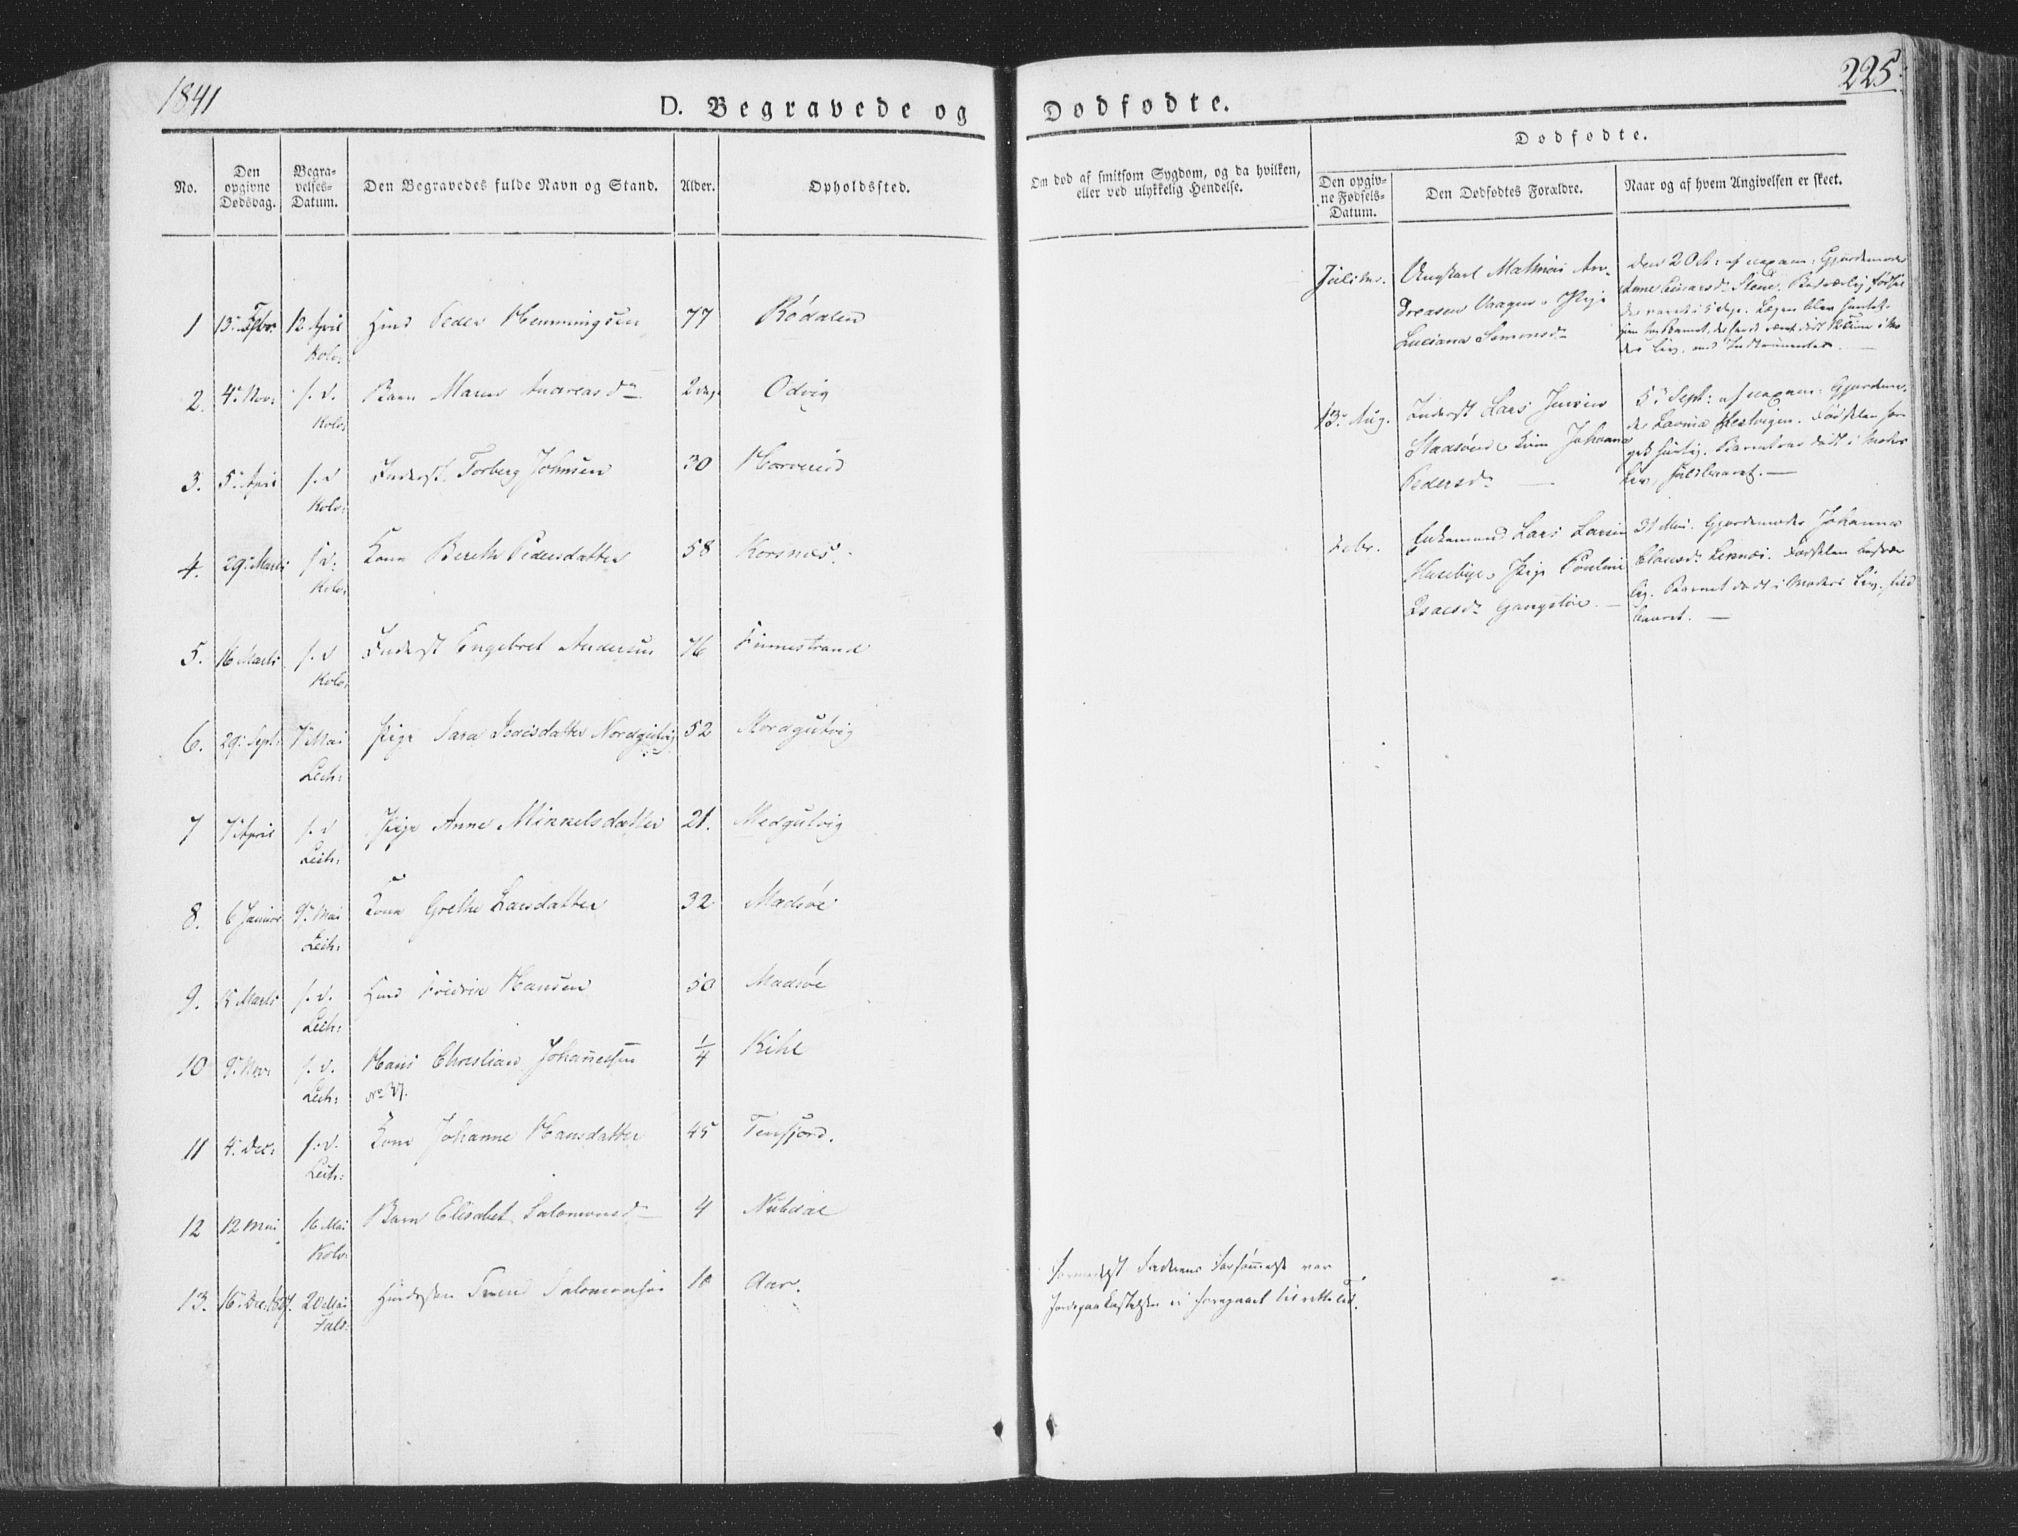 SAT, Ministerialprotokoller, klokkerbøker og fødselsregistre - Nord-Trøndelag, 780/L0639: Ministerialbok nr. 780A04, 1830-1844, s. 225